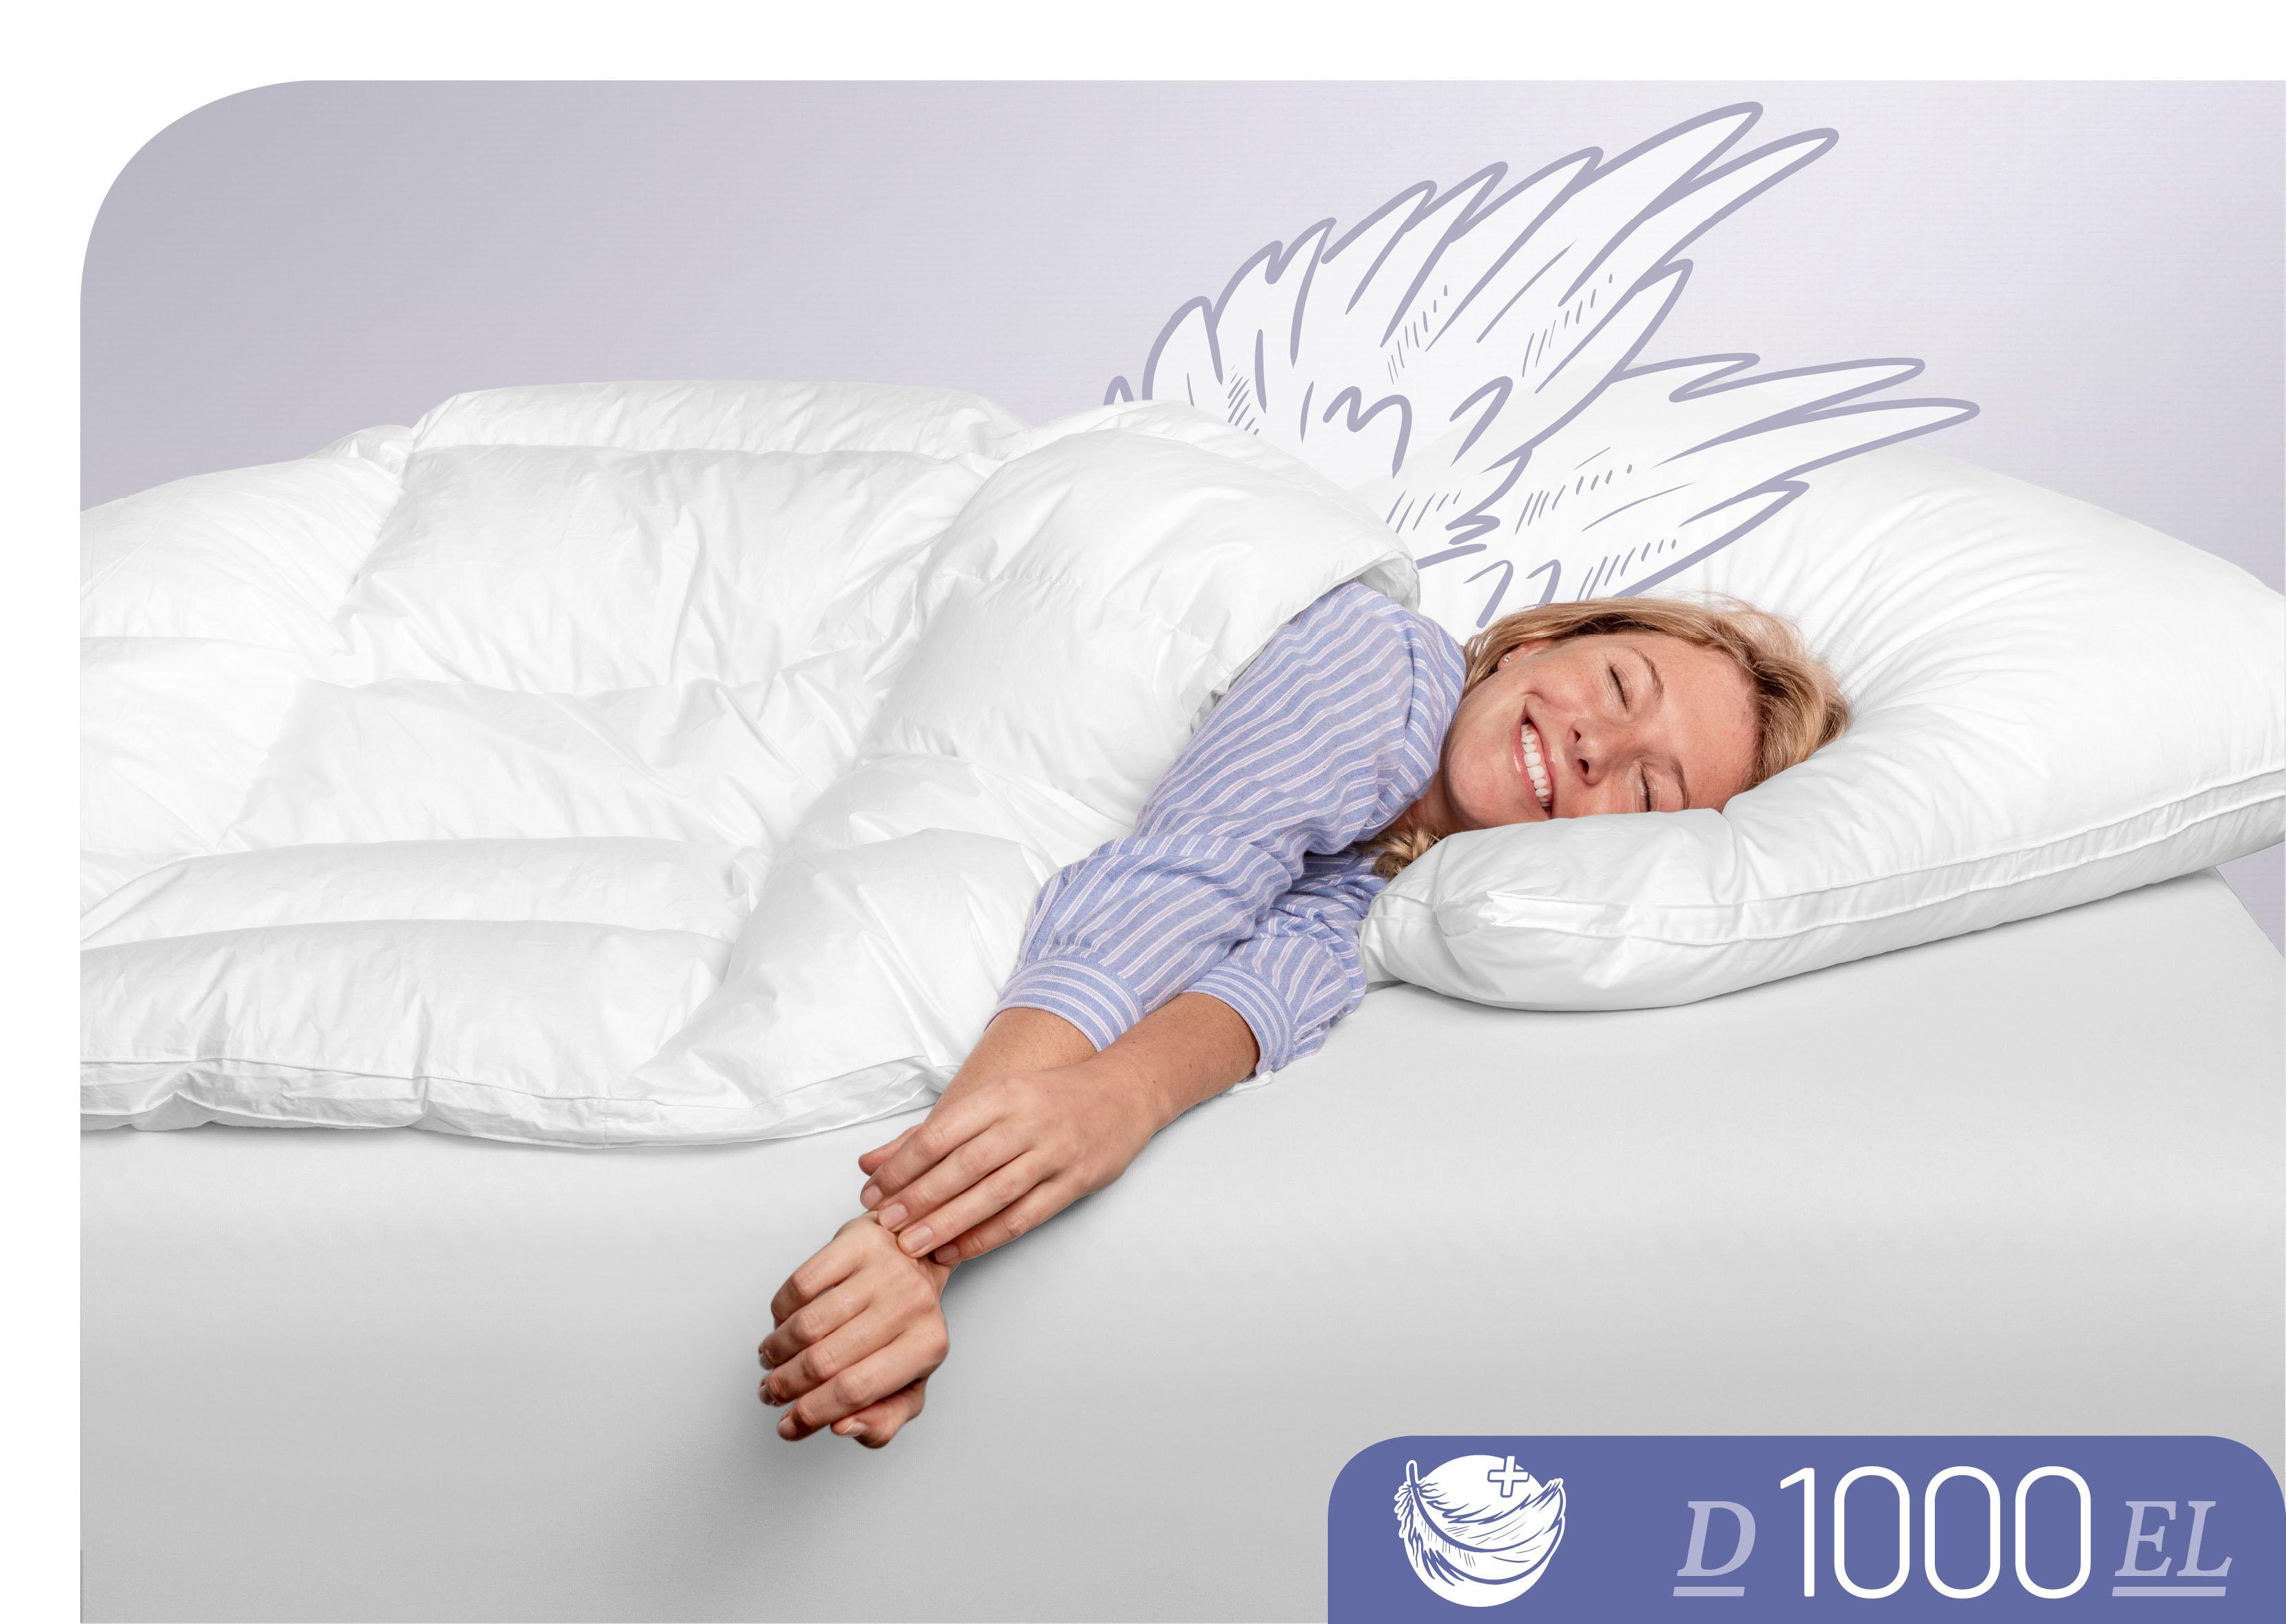 Daunenbettdecke D1000 Schlafstil extraleicht